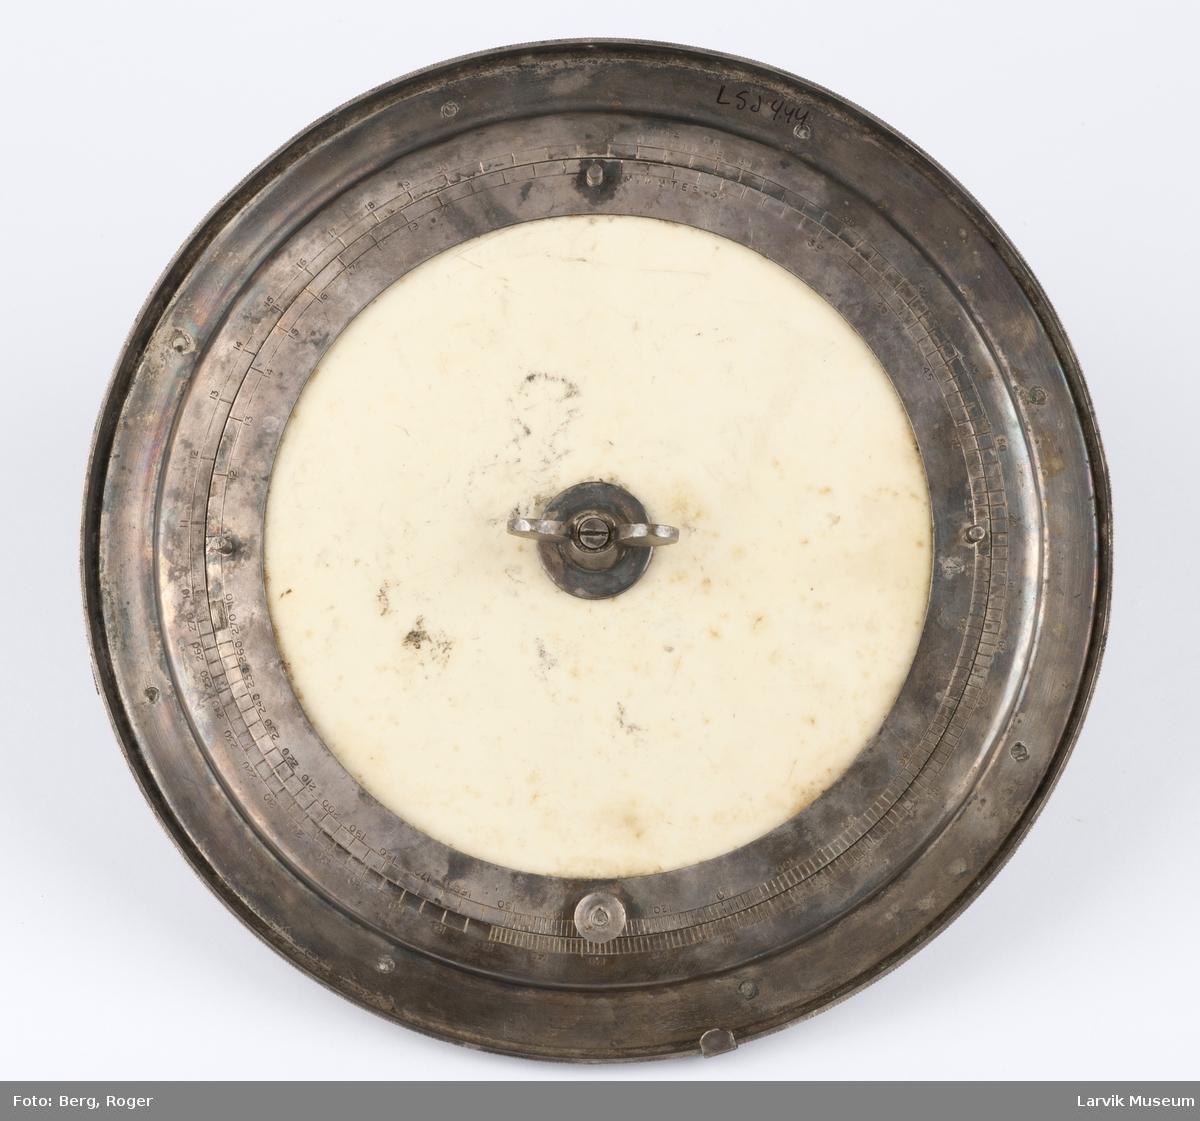 Rund metallskive med kompass, midten har opptegnet rutenett med gradstall, 2 visere festet til midten med en vingeskrue